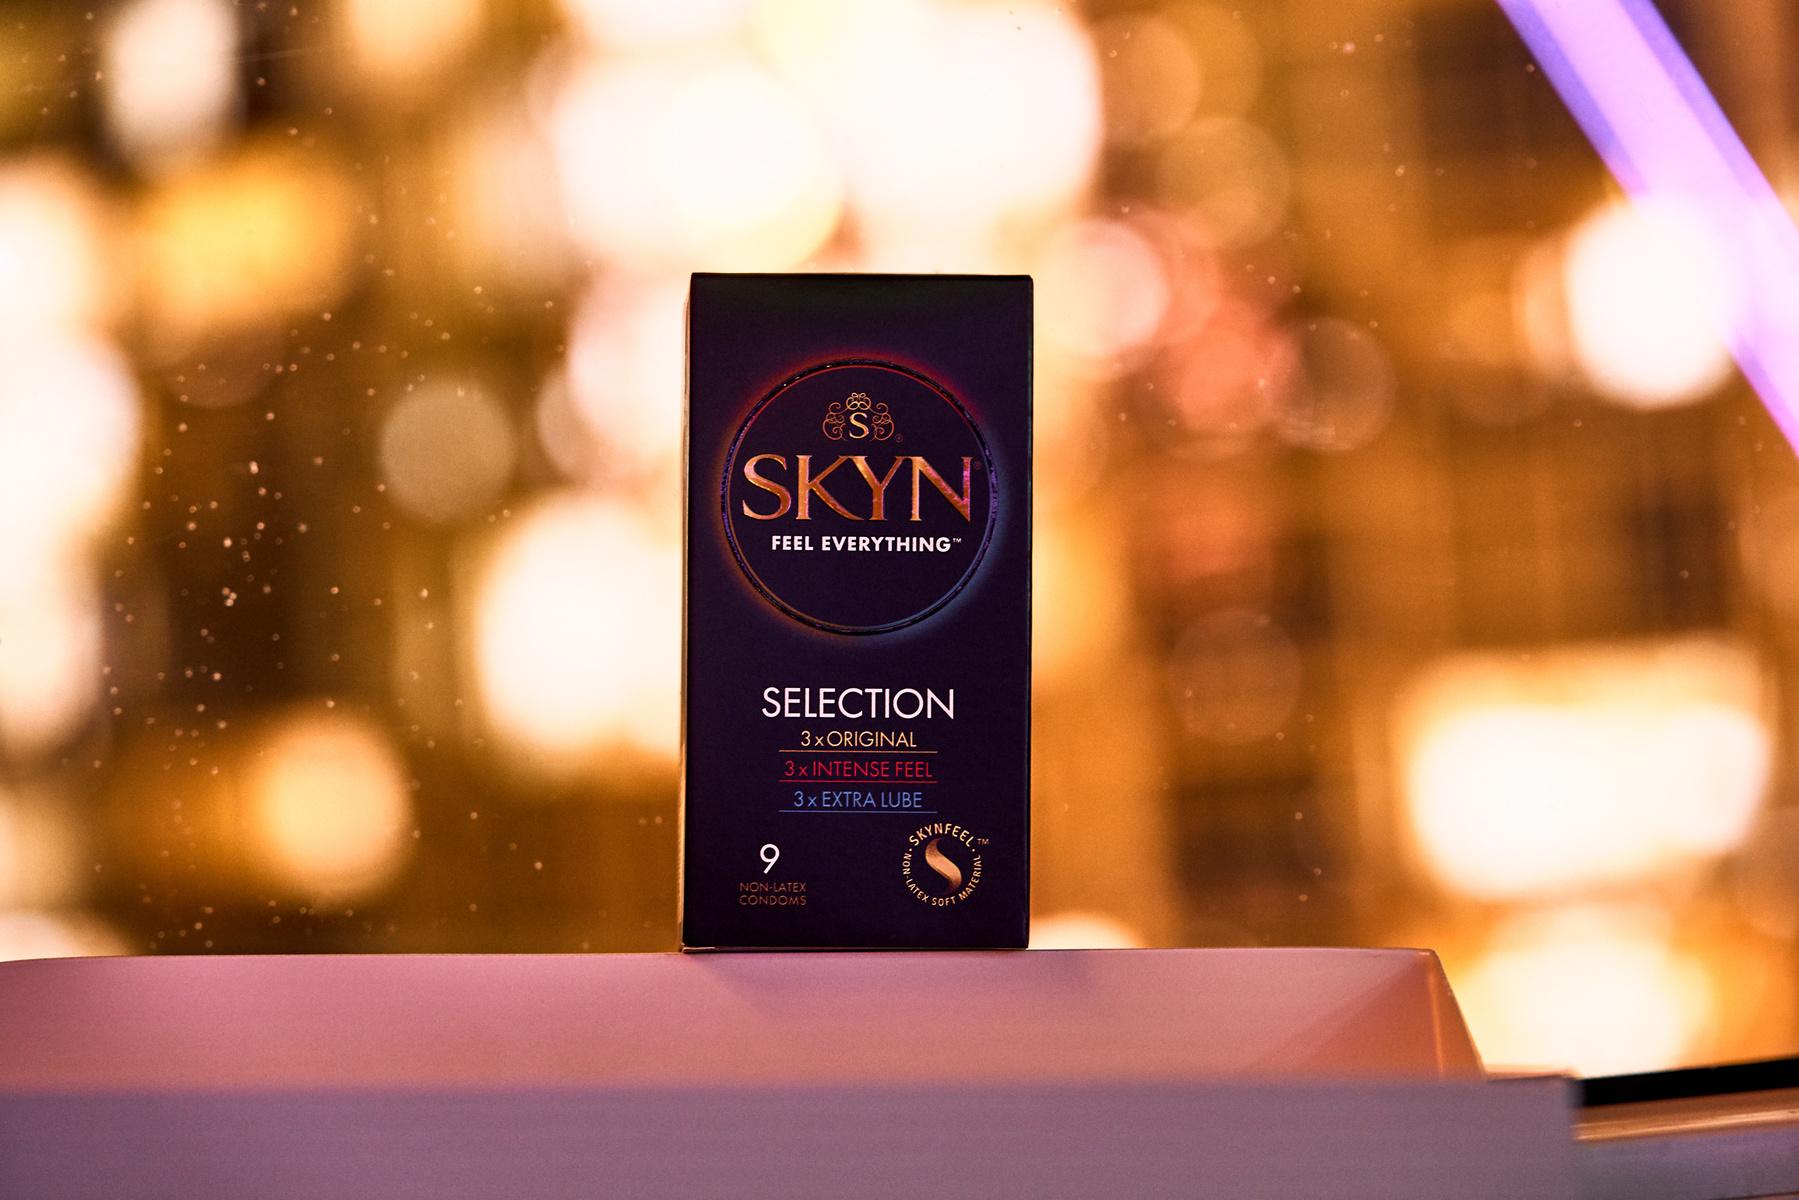 Skyn - Bedroom Creative Packshot